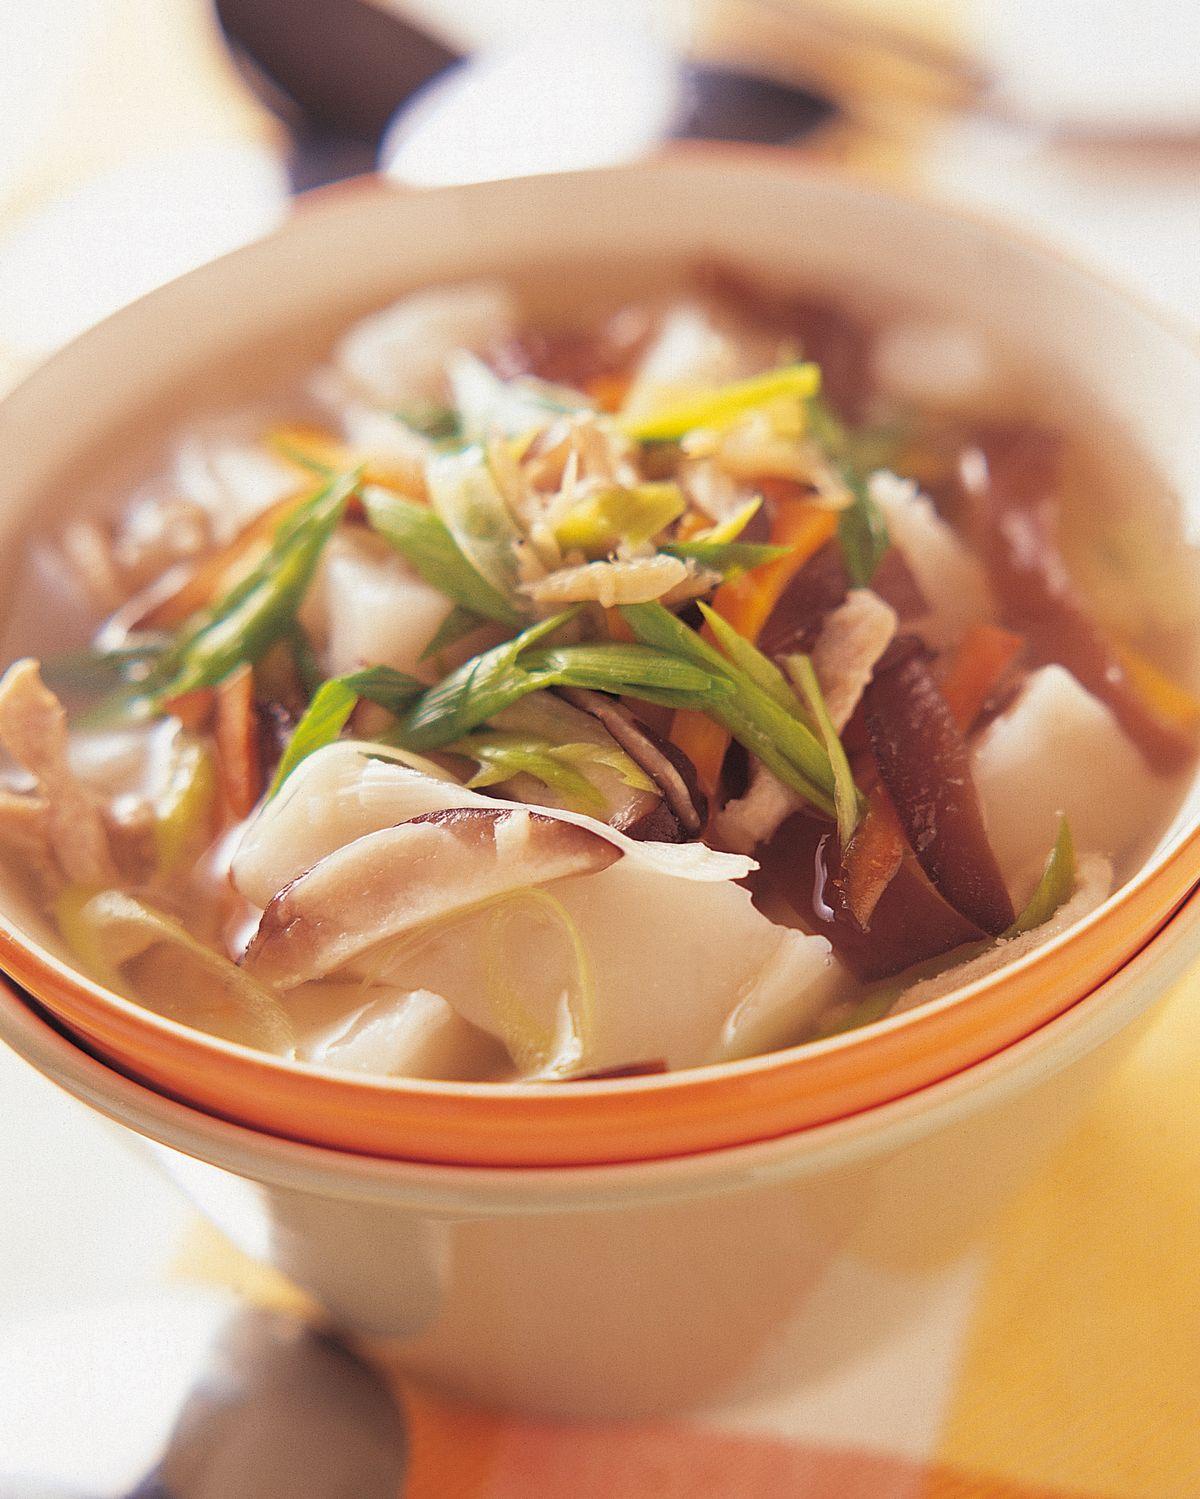 食譜:蘿蔔糕湯